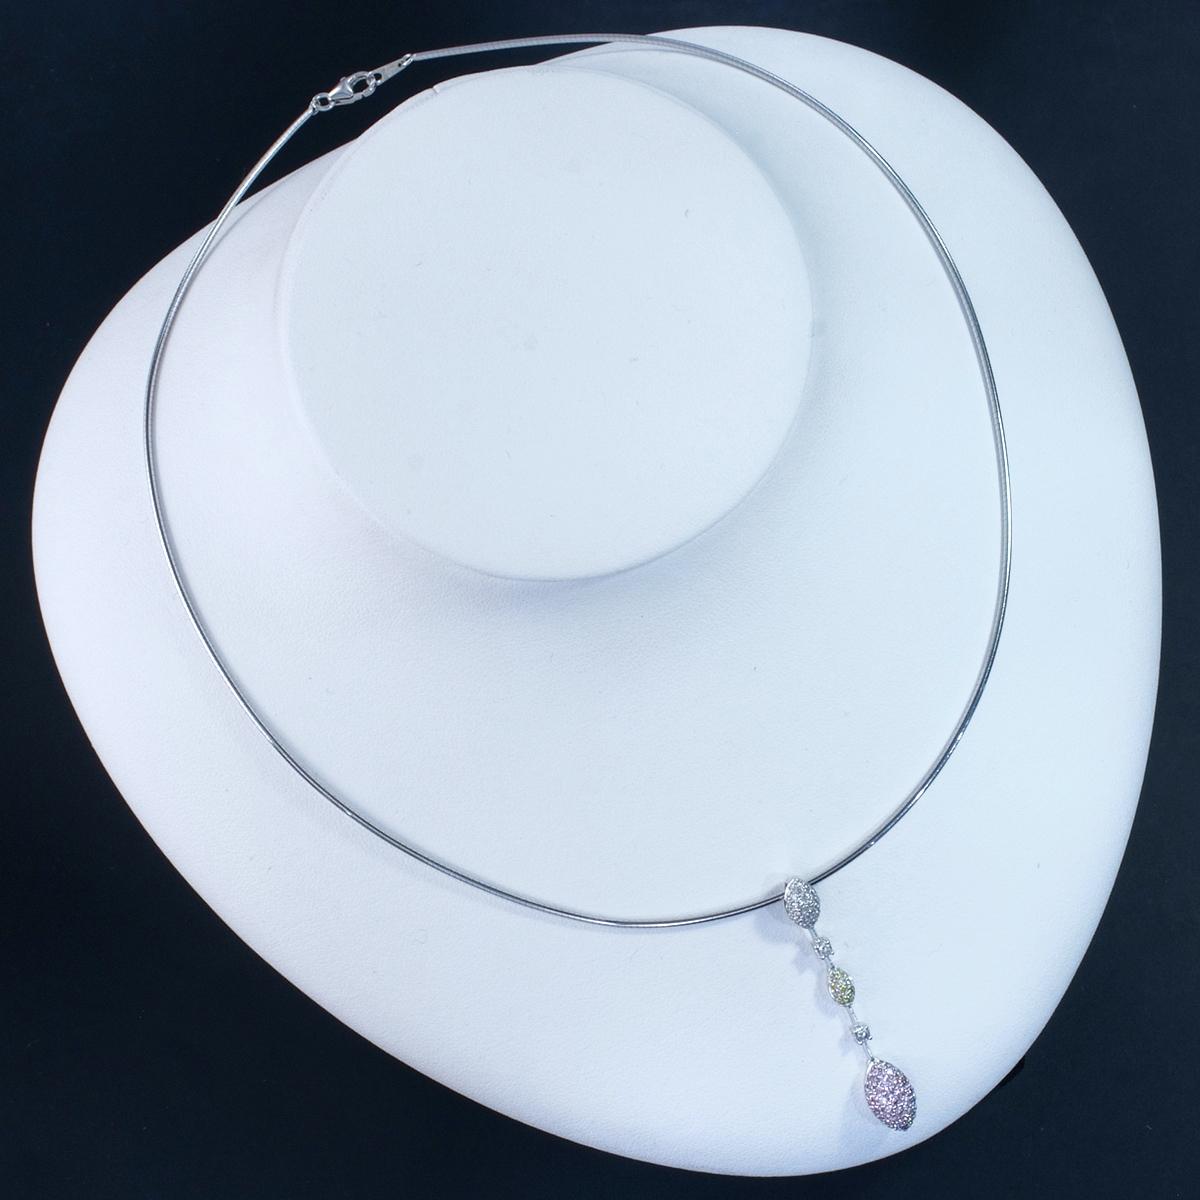 E9854 天然ピンク、イエロー、カラーレスダイヤモンド0.75ct 最高級18金WG無垢オメガネックレス_画像4